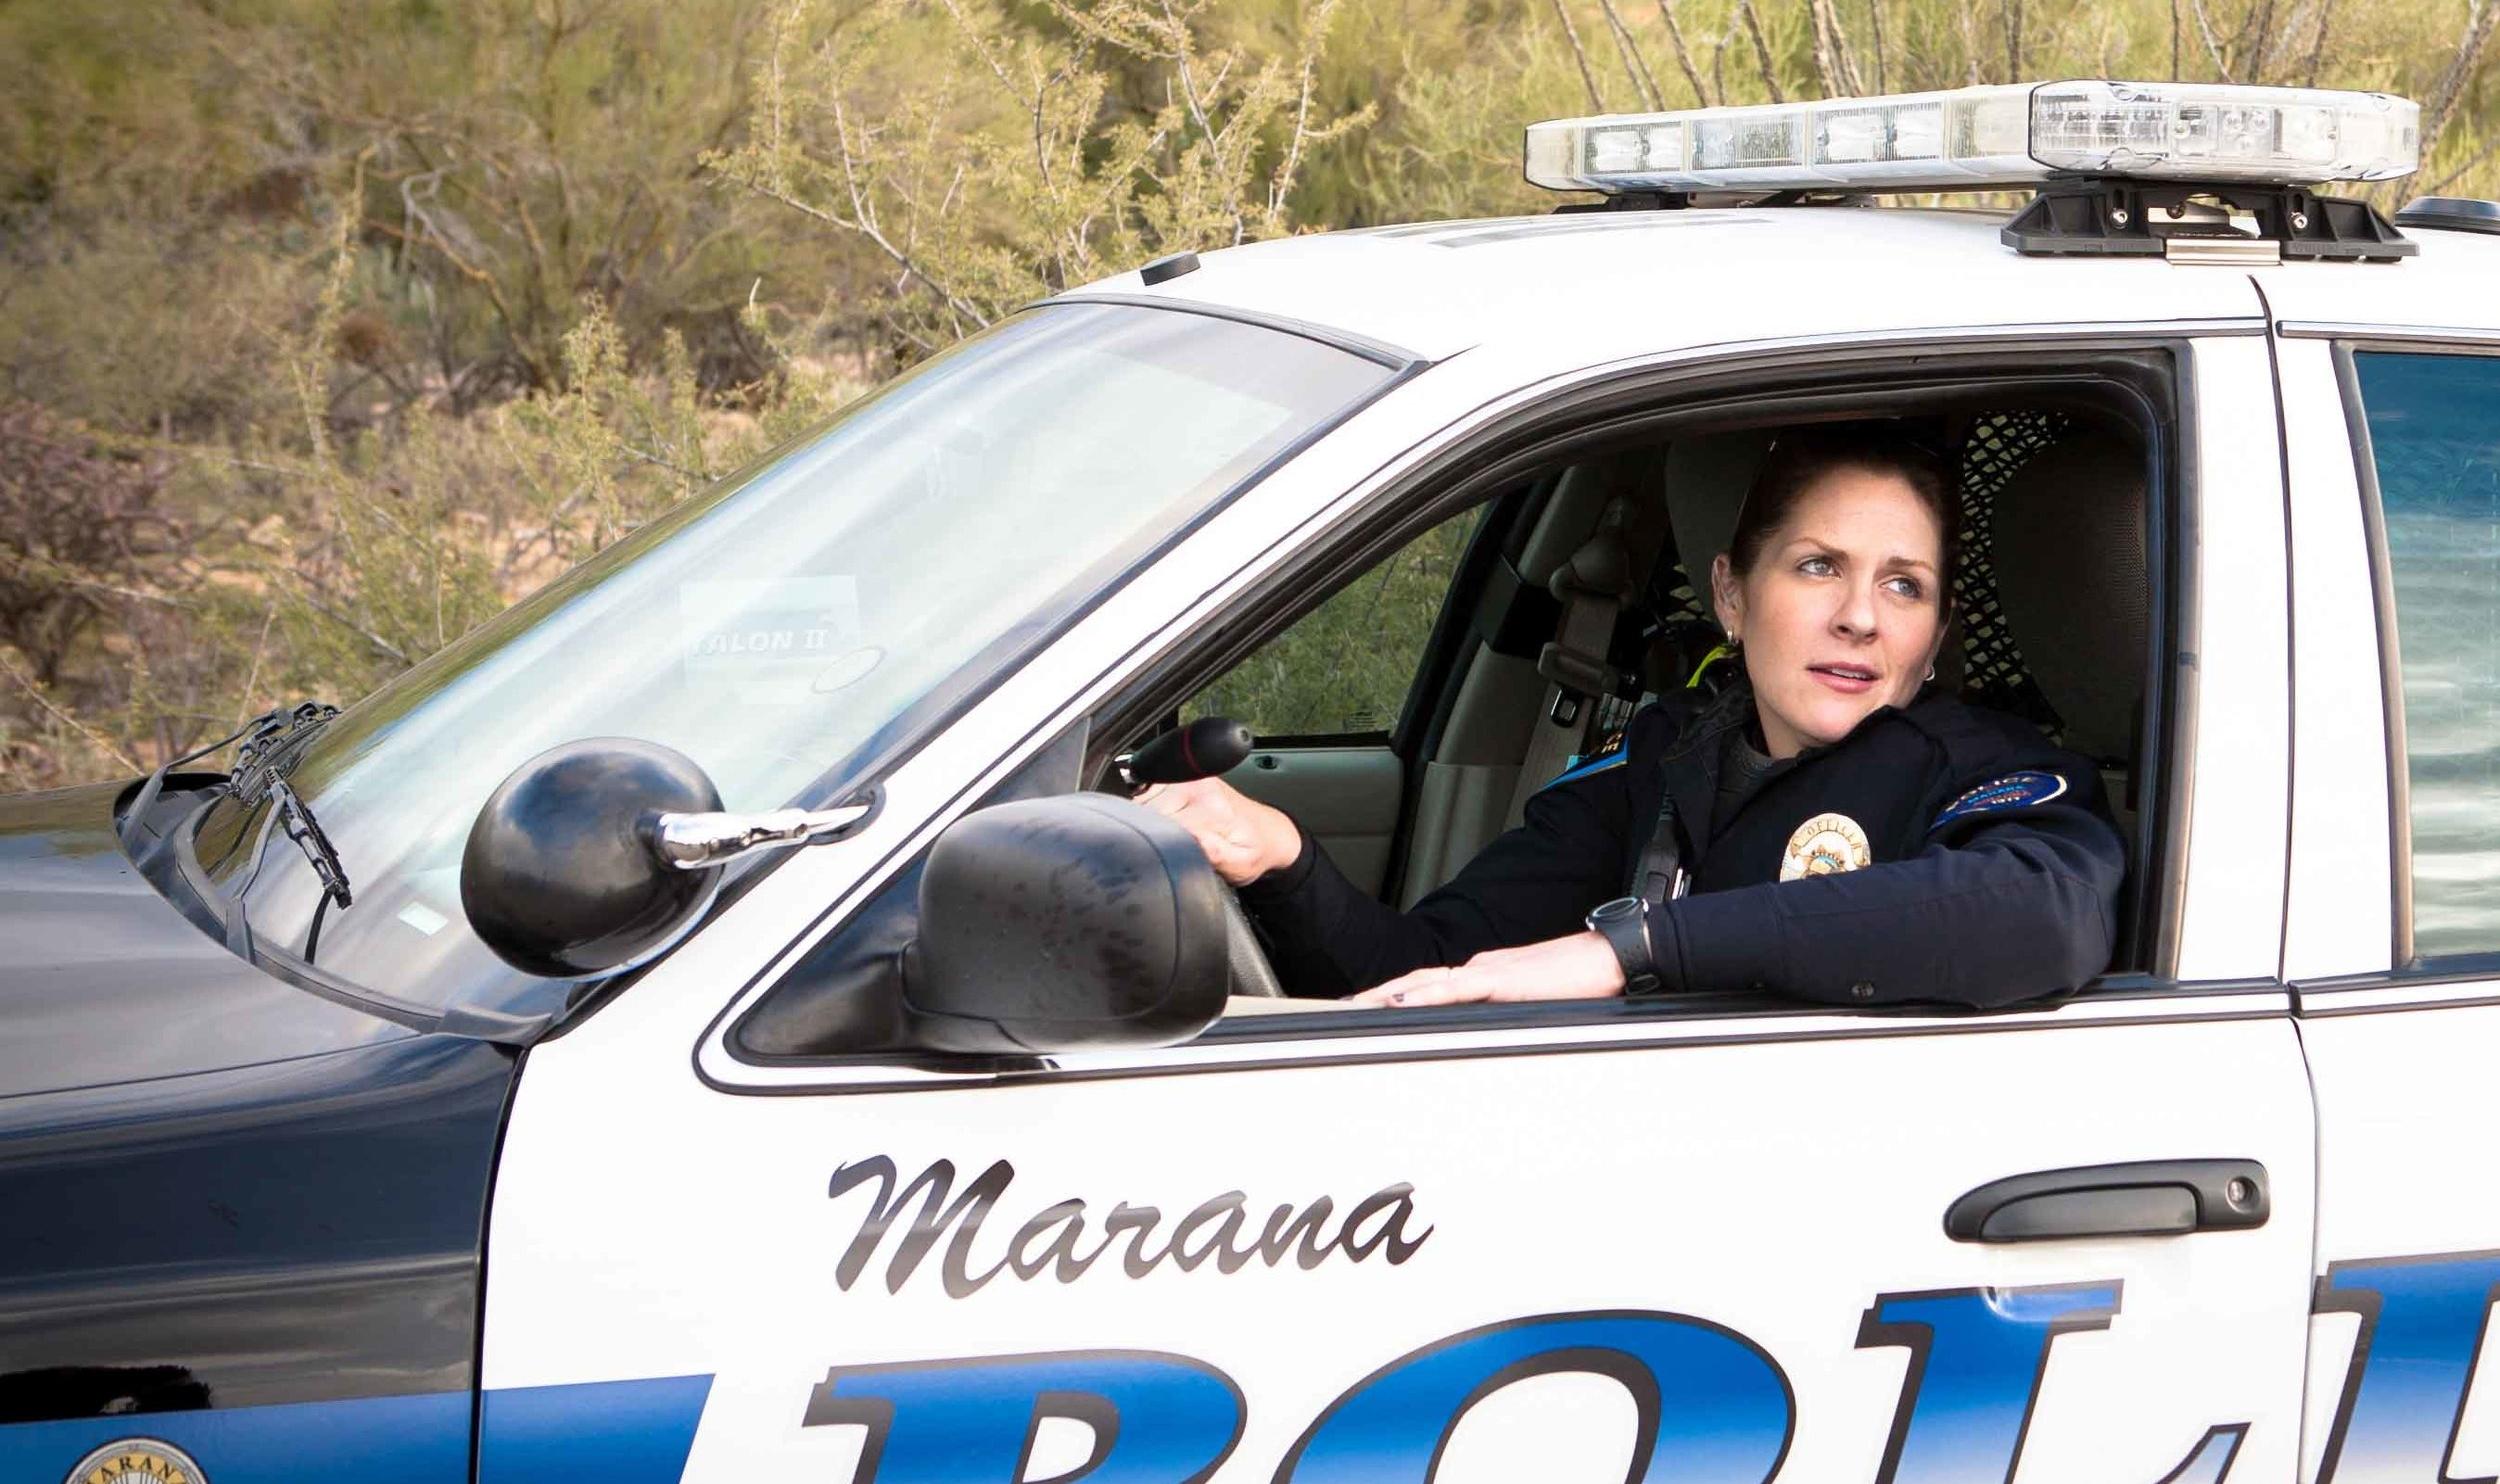 Female-officer-in-car.jpg